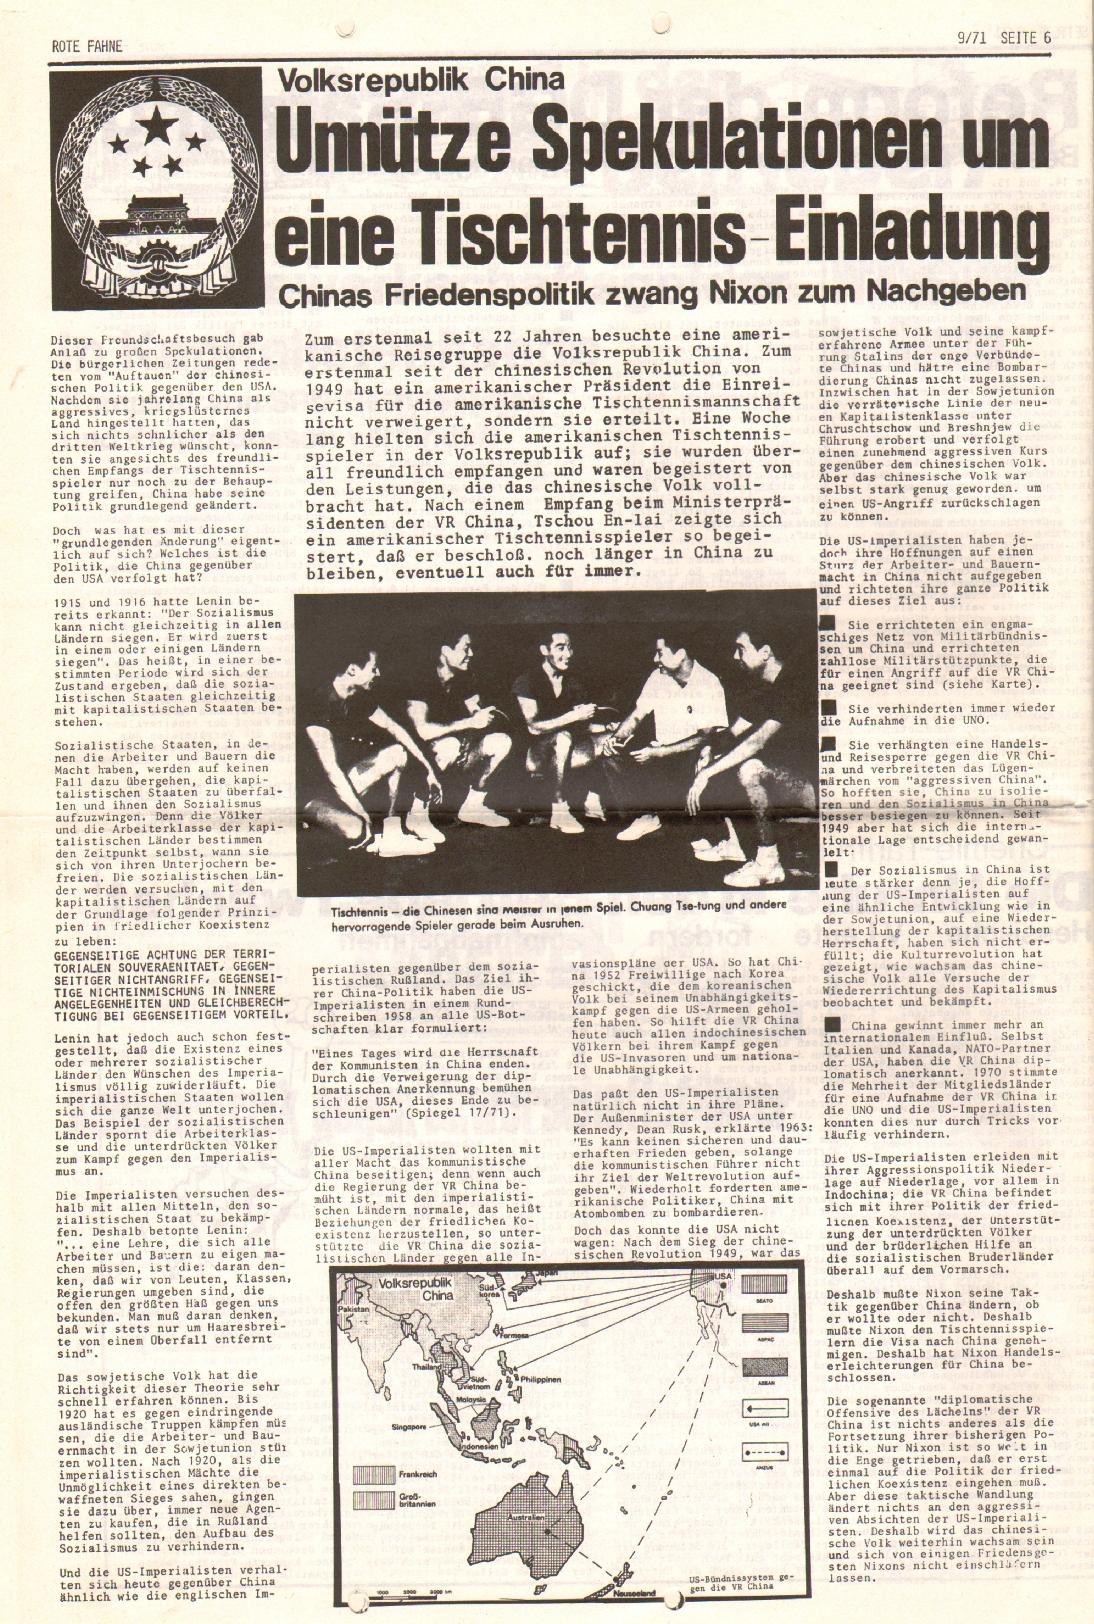 Rote Fahne, 2. Jg., 10.5.1971, Nr. 9, Seite 6